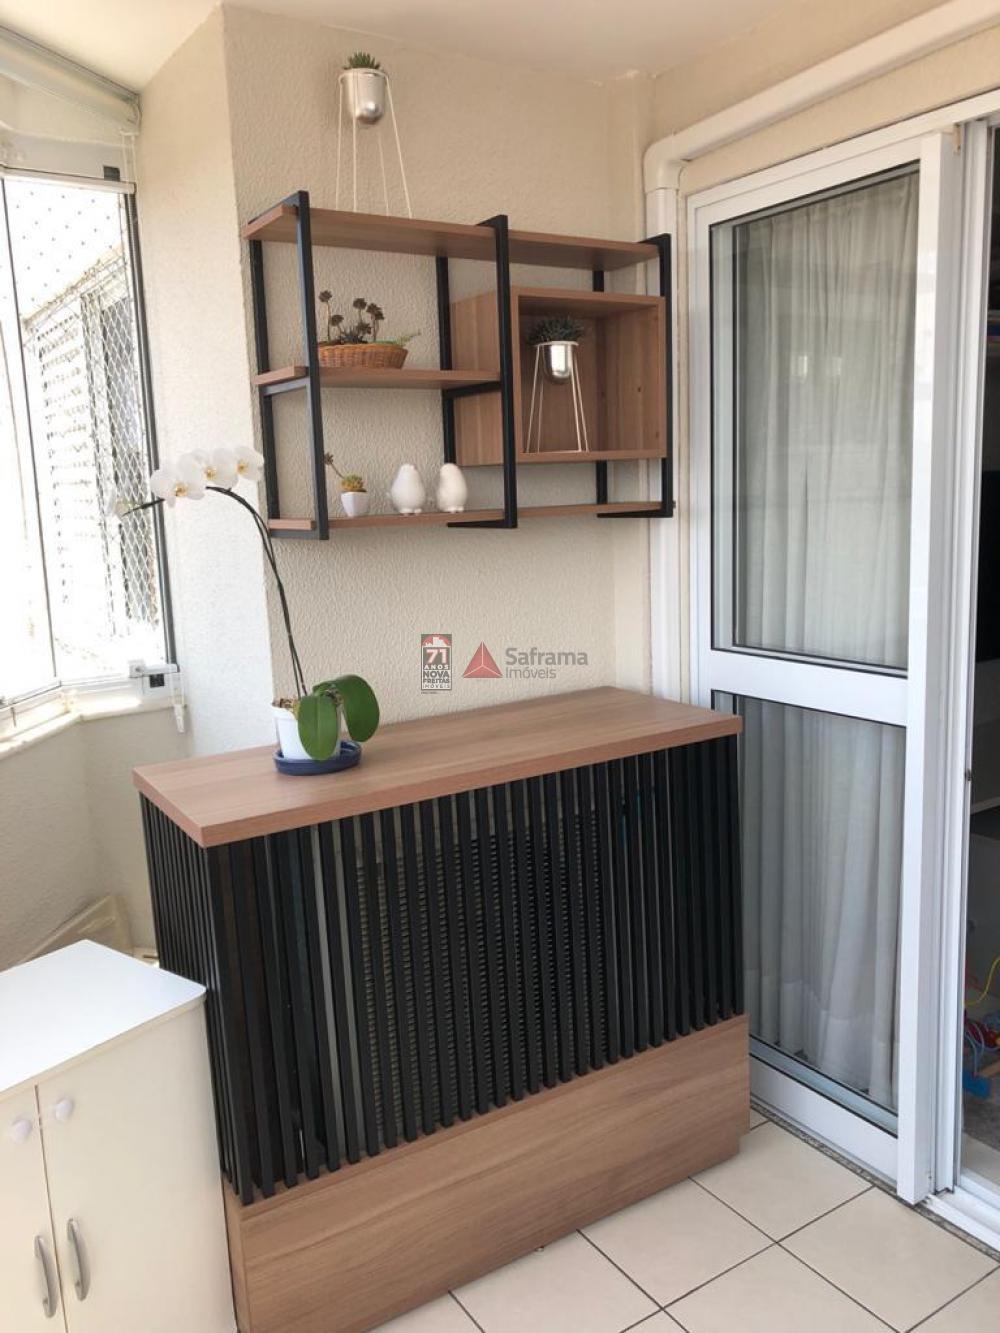 Comprar Apartamento / Padrão em São José dos Campos apenas R$ 560.000,00 - Foto 20